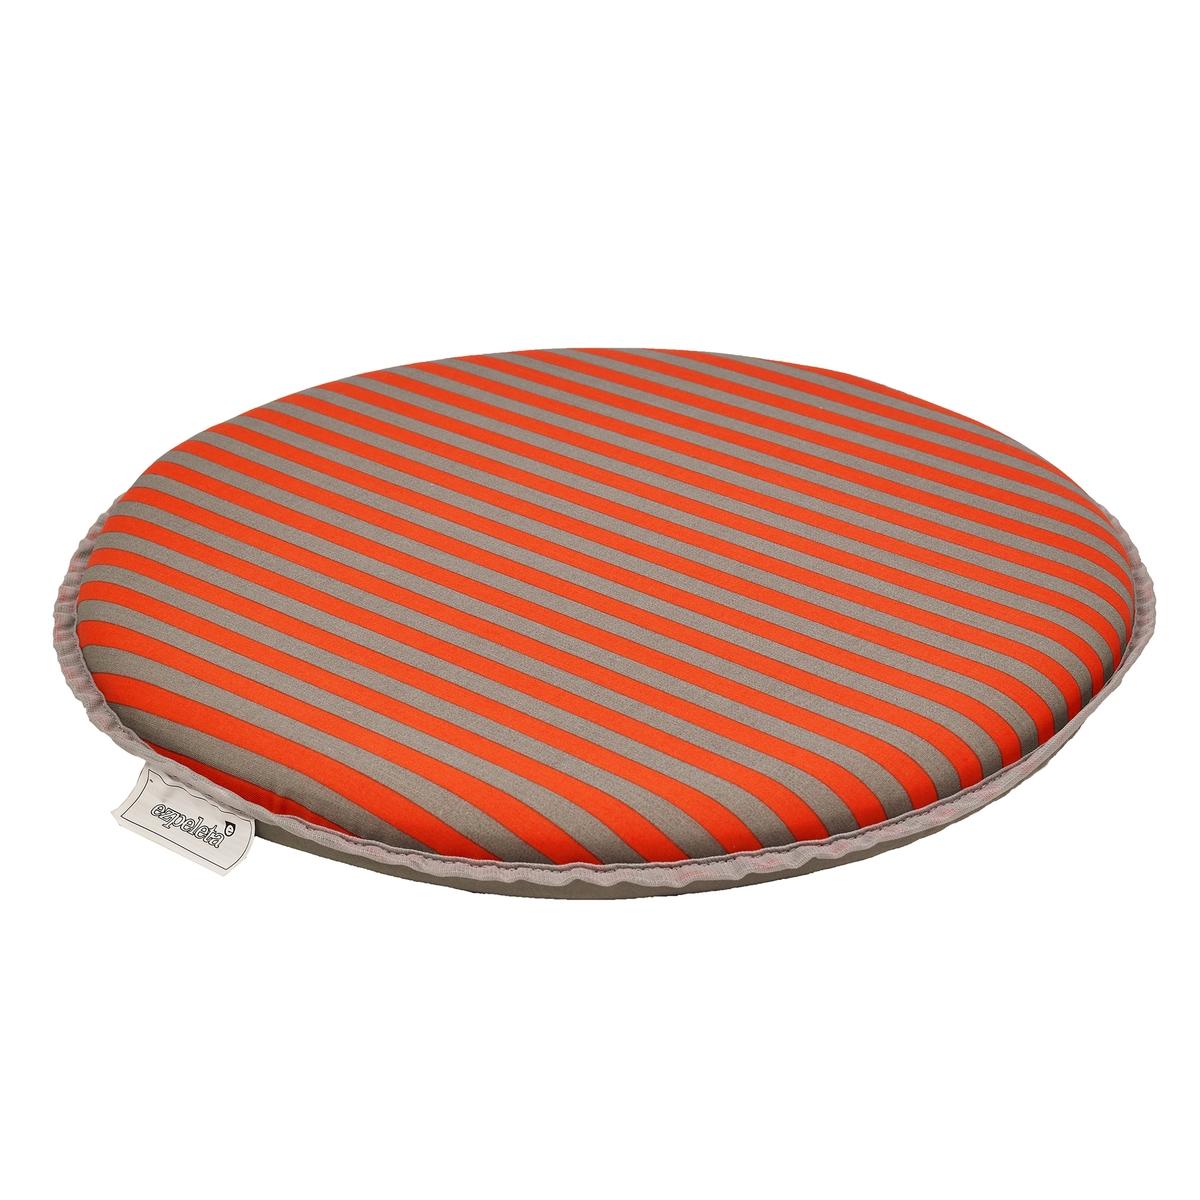 Подушка для стула круглая ESTIVO (комплект из 2 подушек) autoprofi оплётка руля алькантара 6 подушек наполнитель 2 см поролон с памятью св серый разм м 1 10